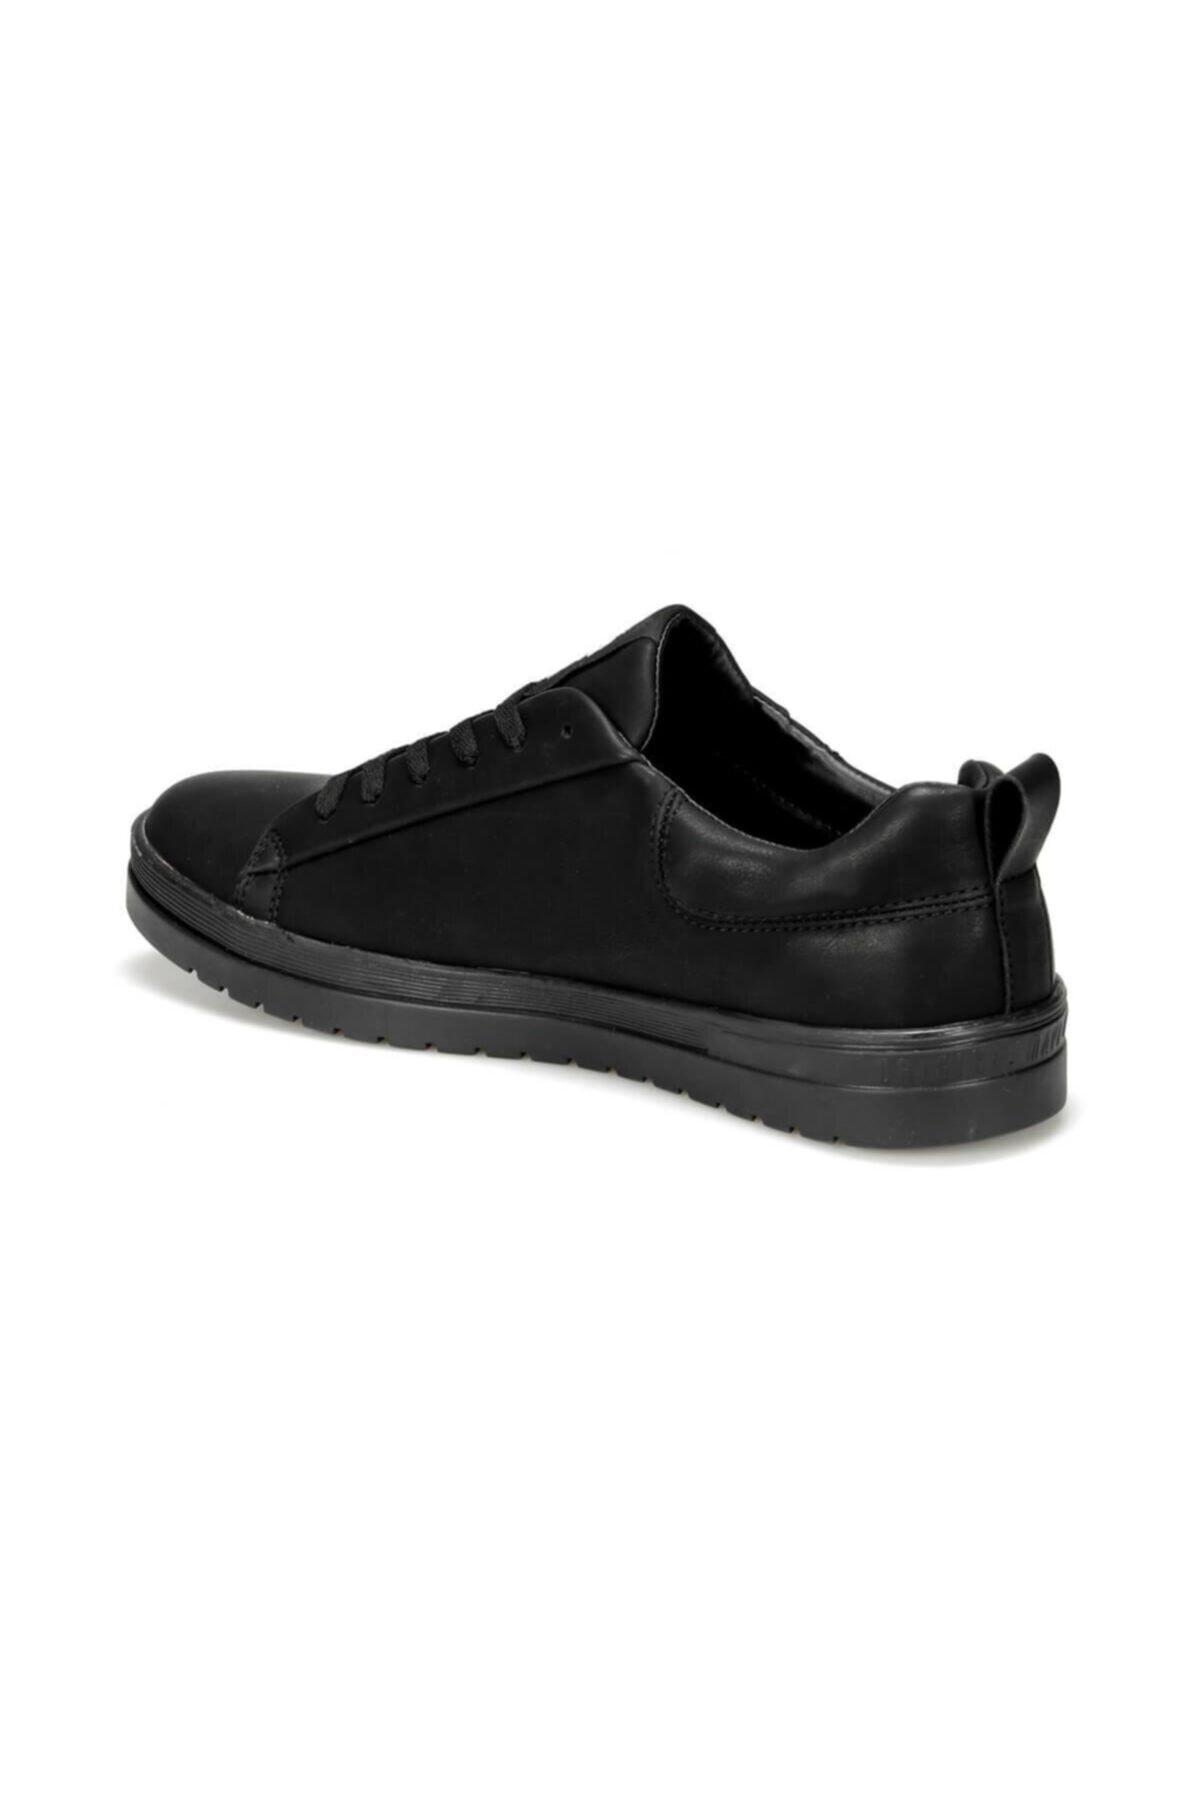 U.S. Polo Assn. NOEL 9PR Siyah Erkek Kalın Taban Sneaker Spor Ayakkabı 100420455 2